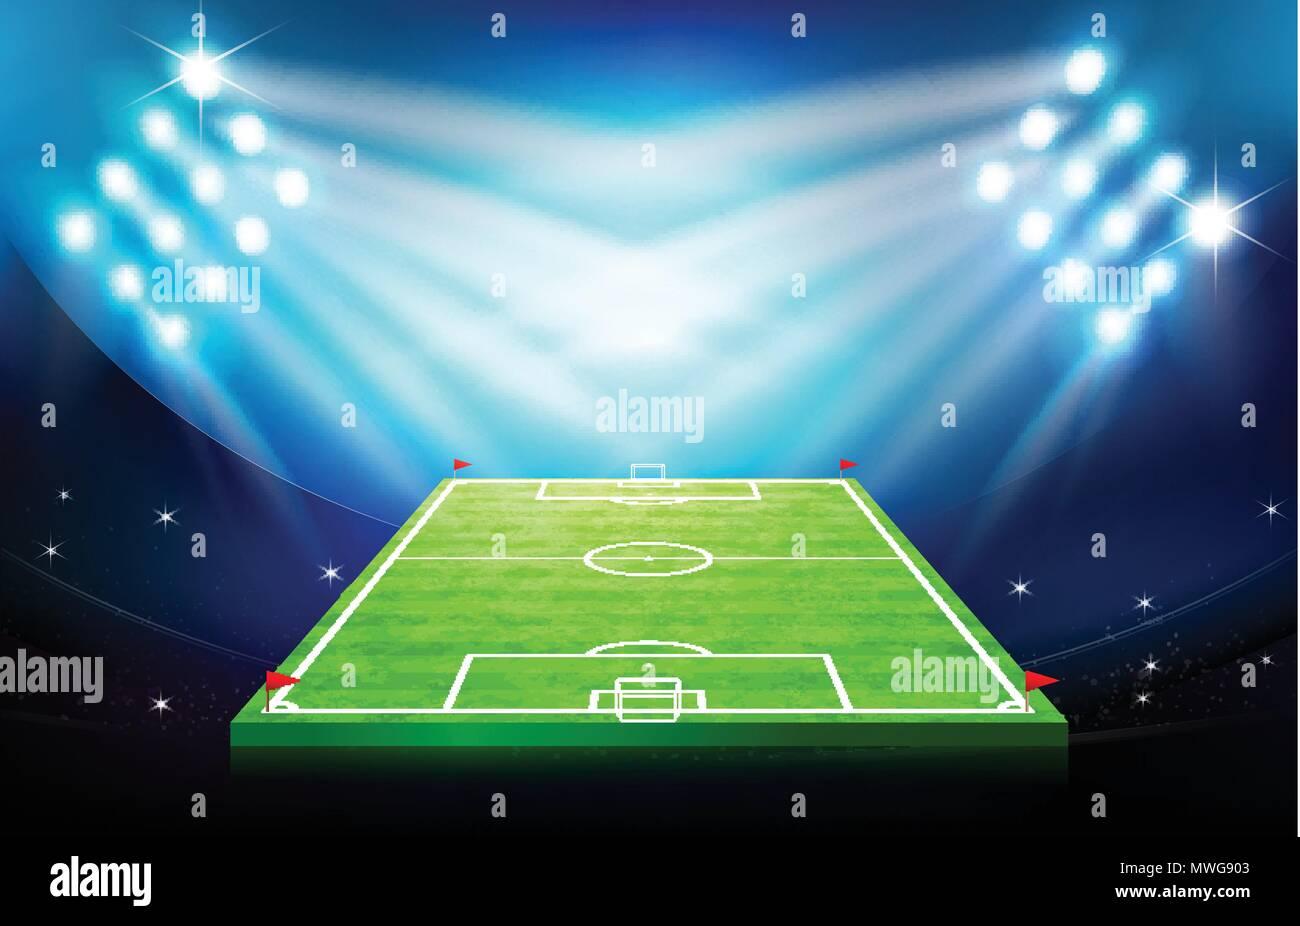 Fussball Fussball Stadion Greeen Rasenflache Mit Spot Licht In